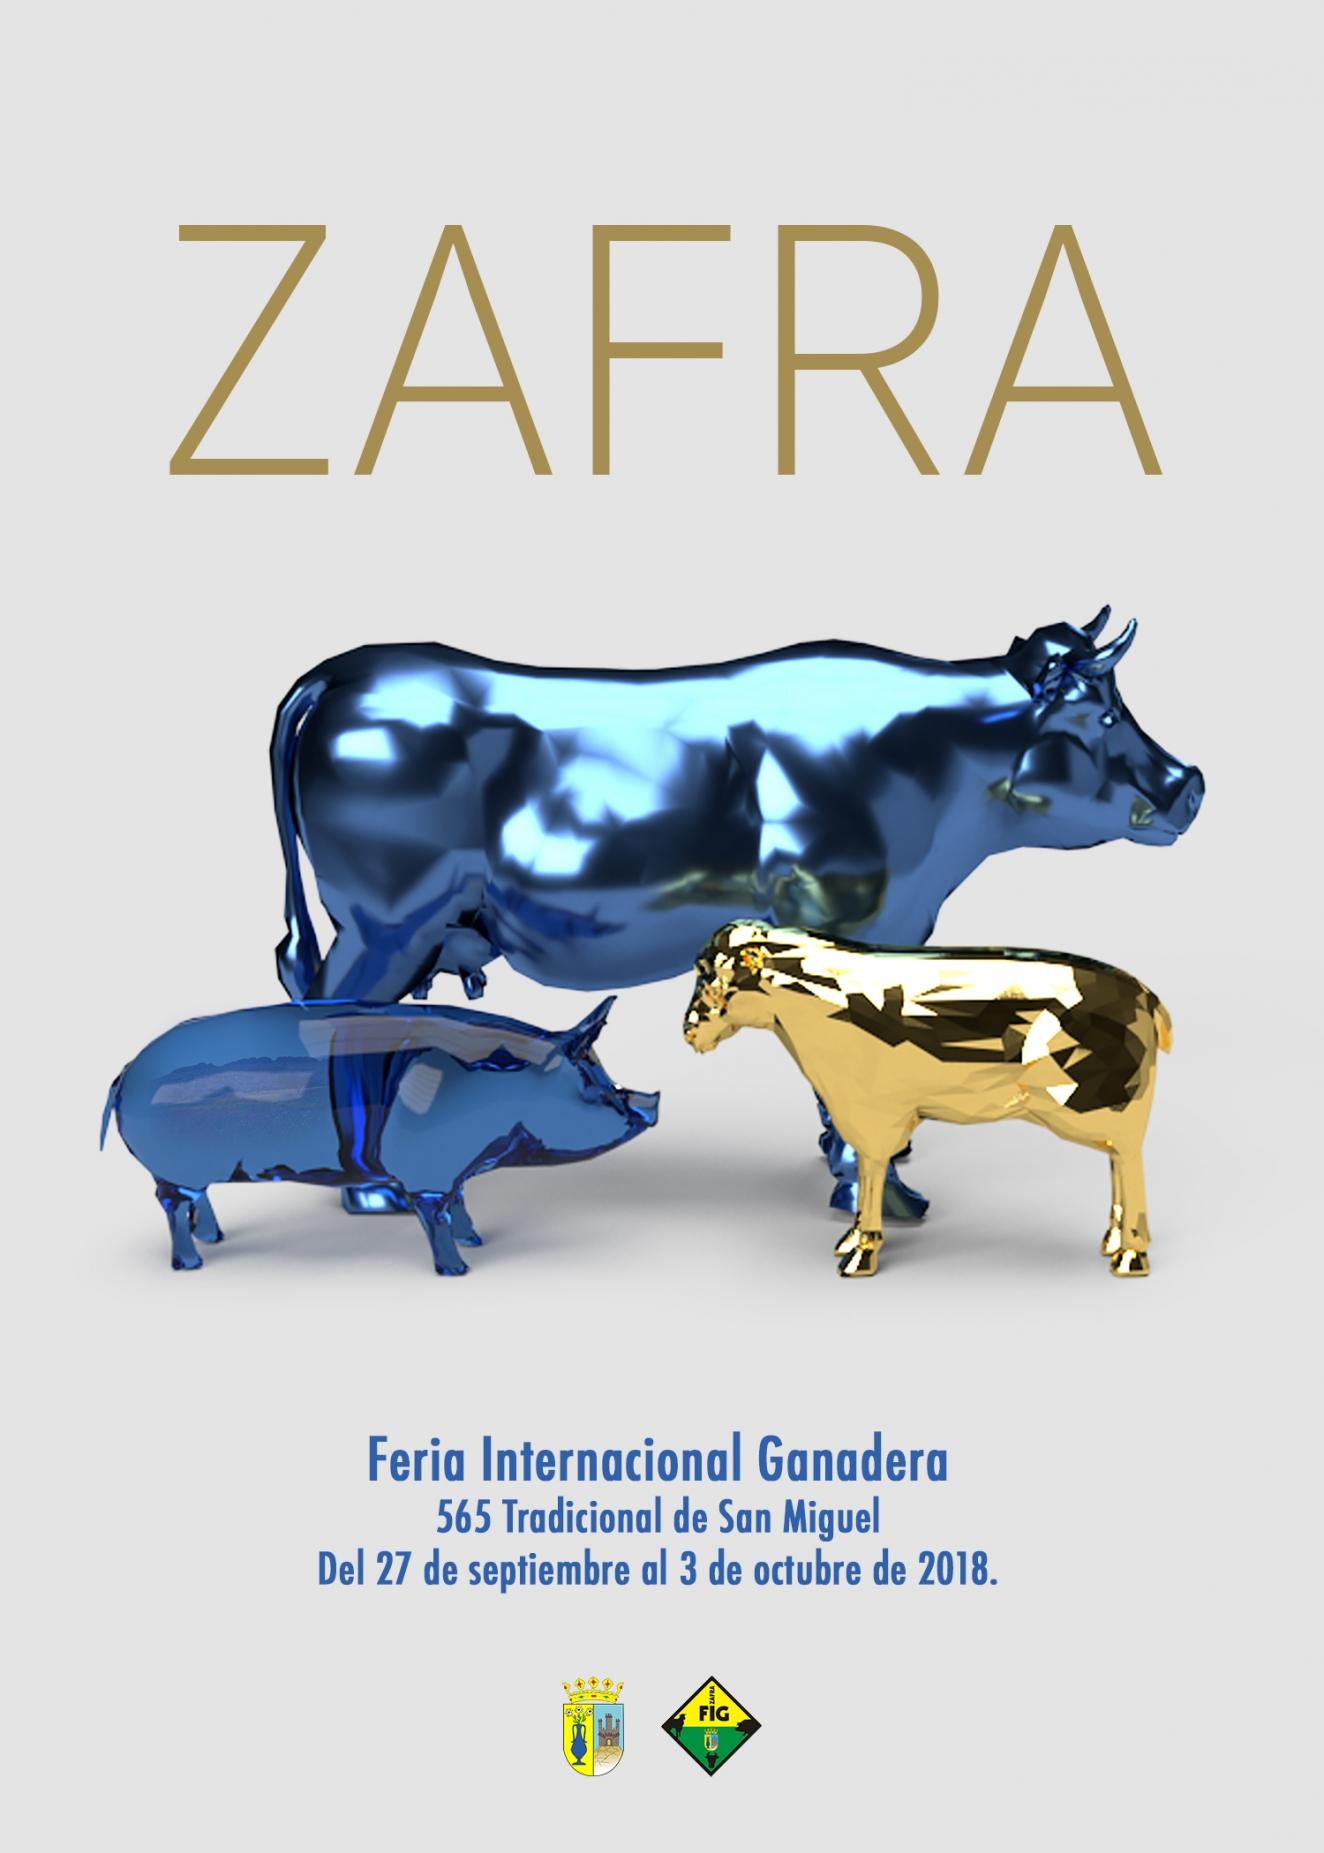 Feria Internacional Ganadera de Zafra || FIG 2018